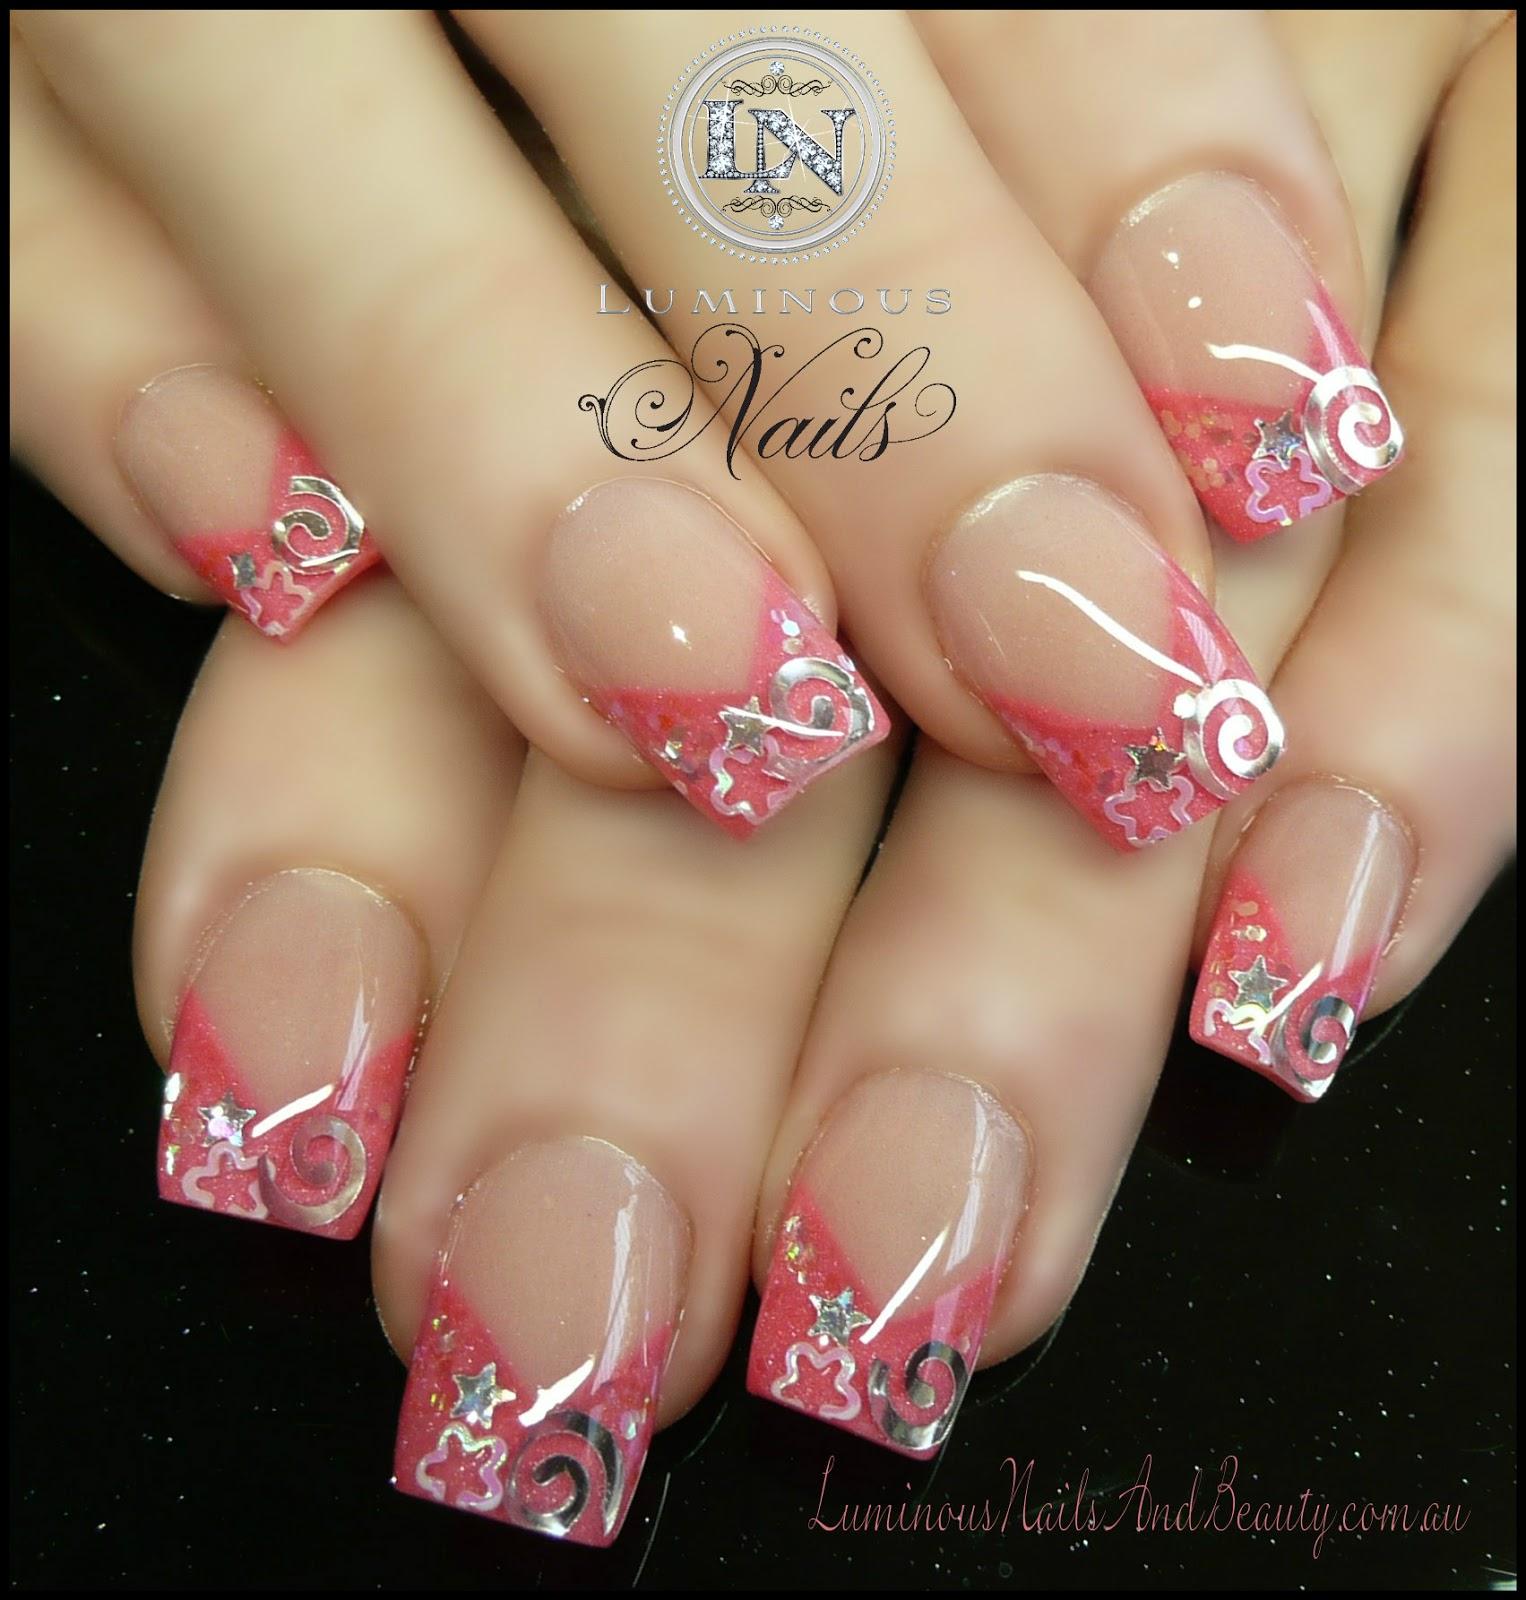 Pink Acrylic Nail Designs: Luminous Nails: January 2013